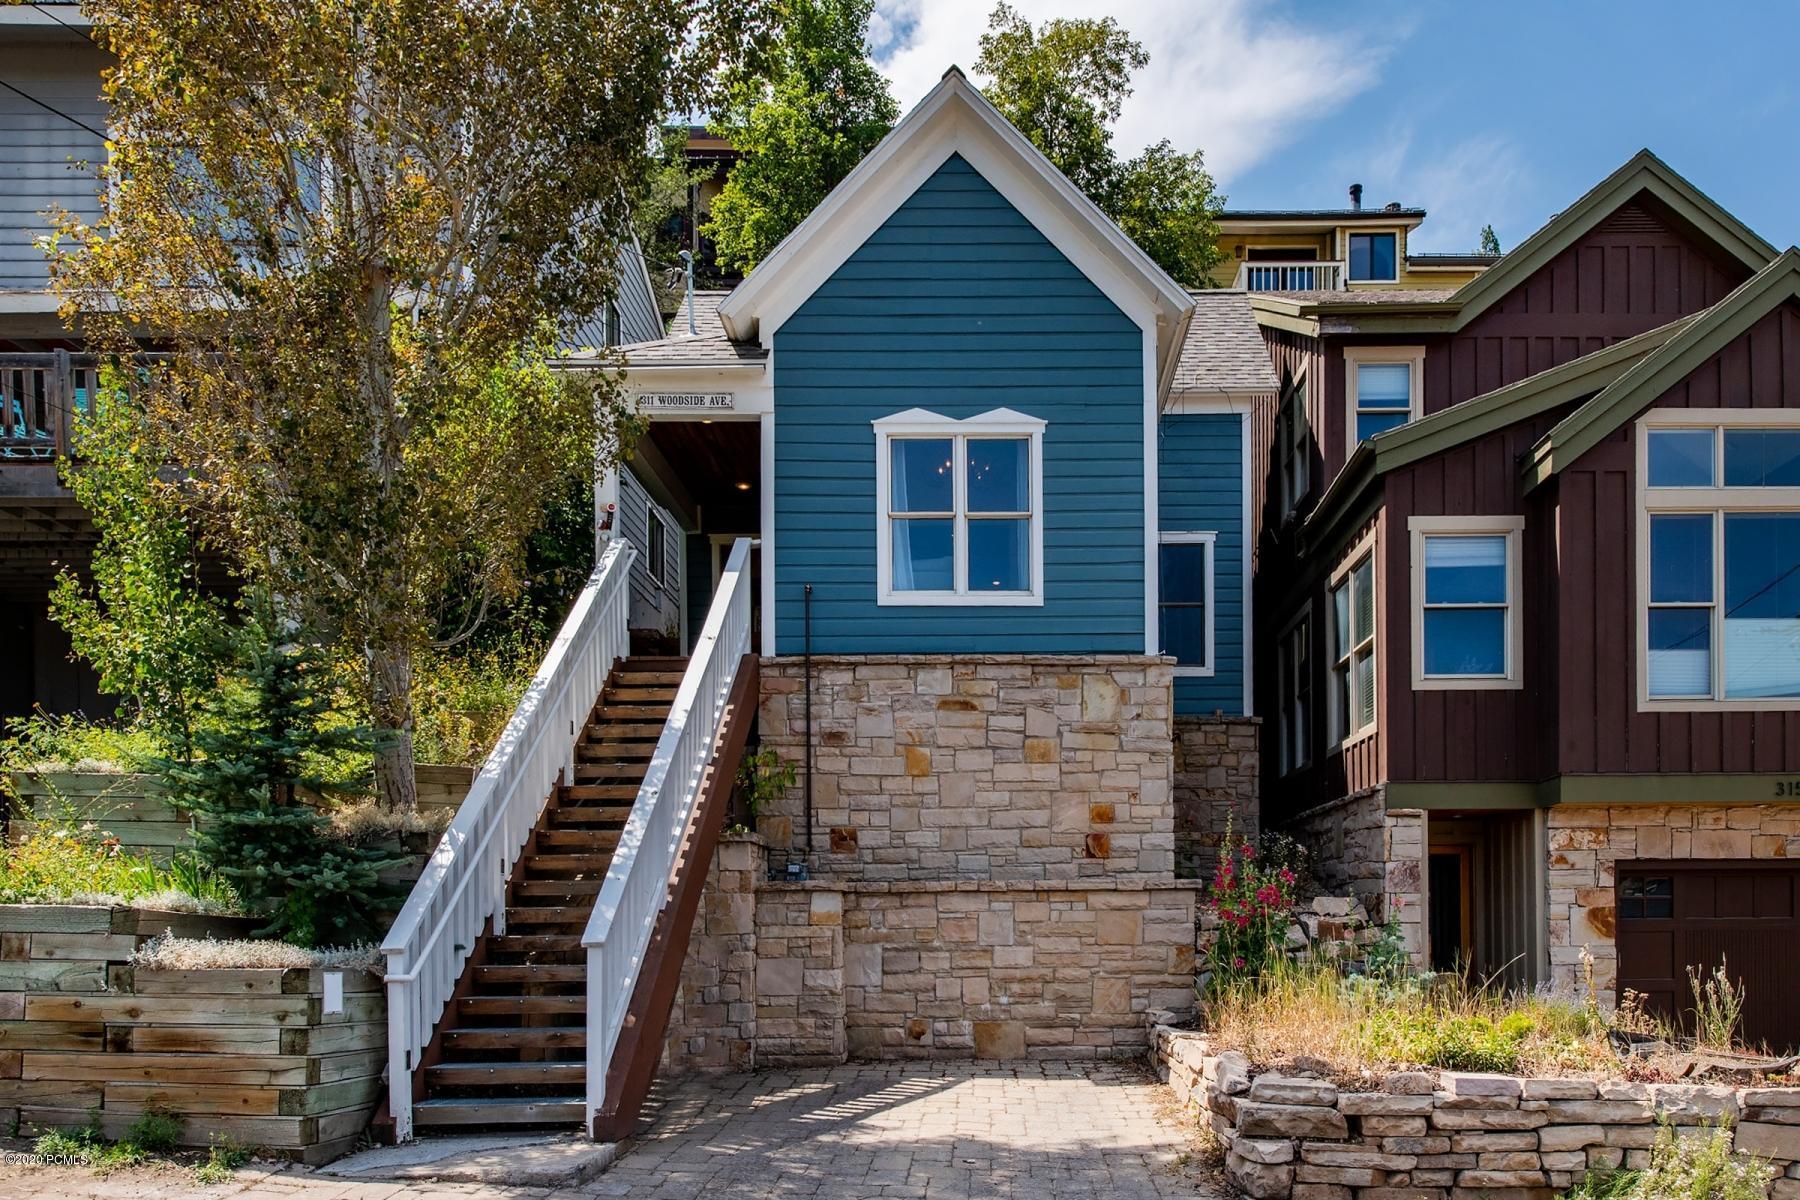 311 Woodside Avenue, Park City, Utah 84060, 4 Bedrooms Bedrooms, ,3 BathroomsBathrooms,Single Family,For Sale,Woodside,12003186